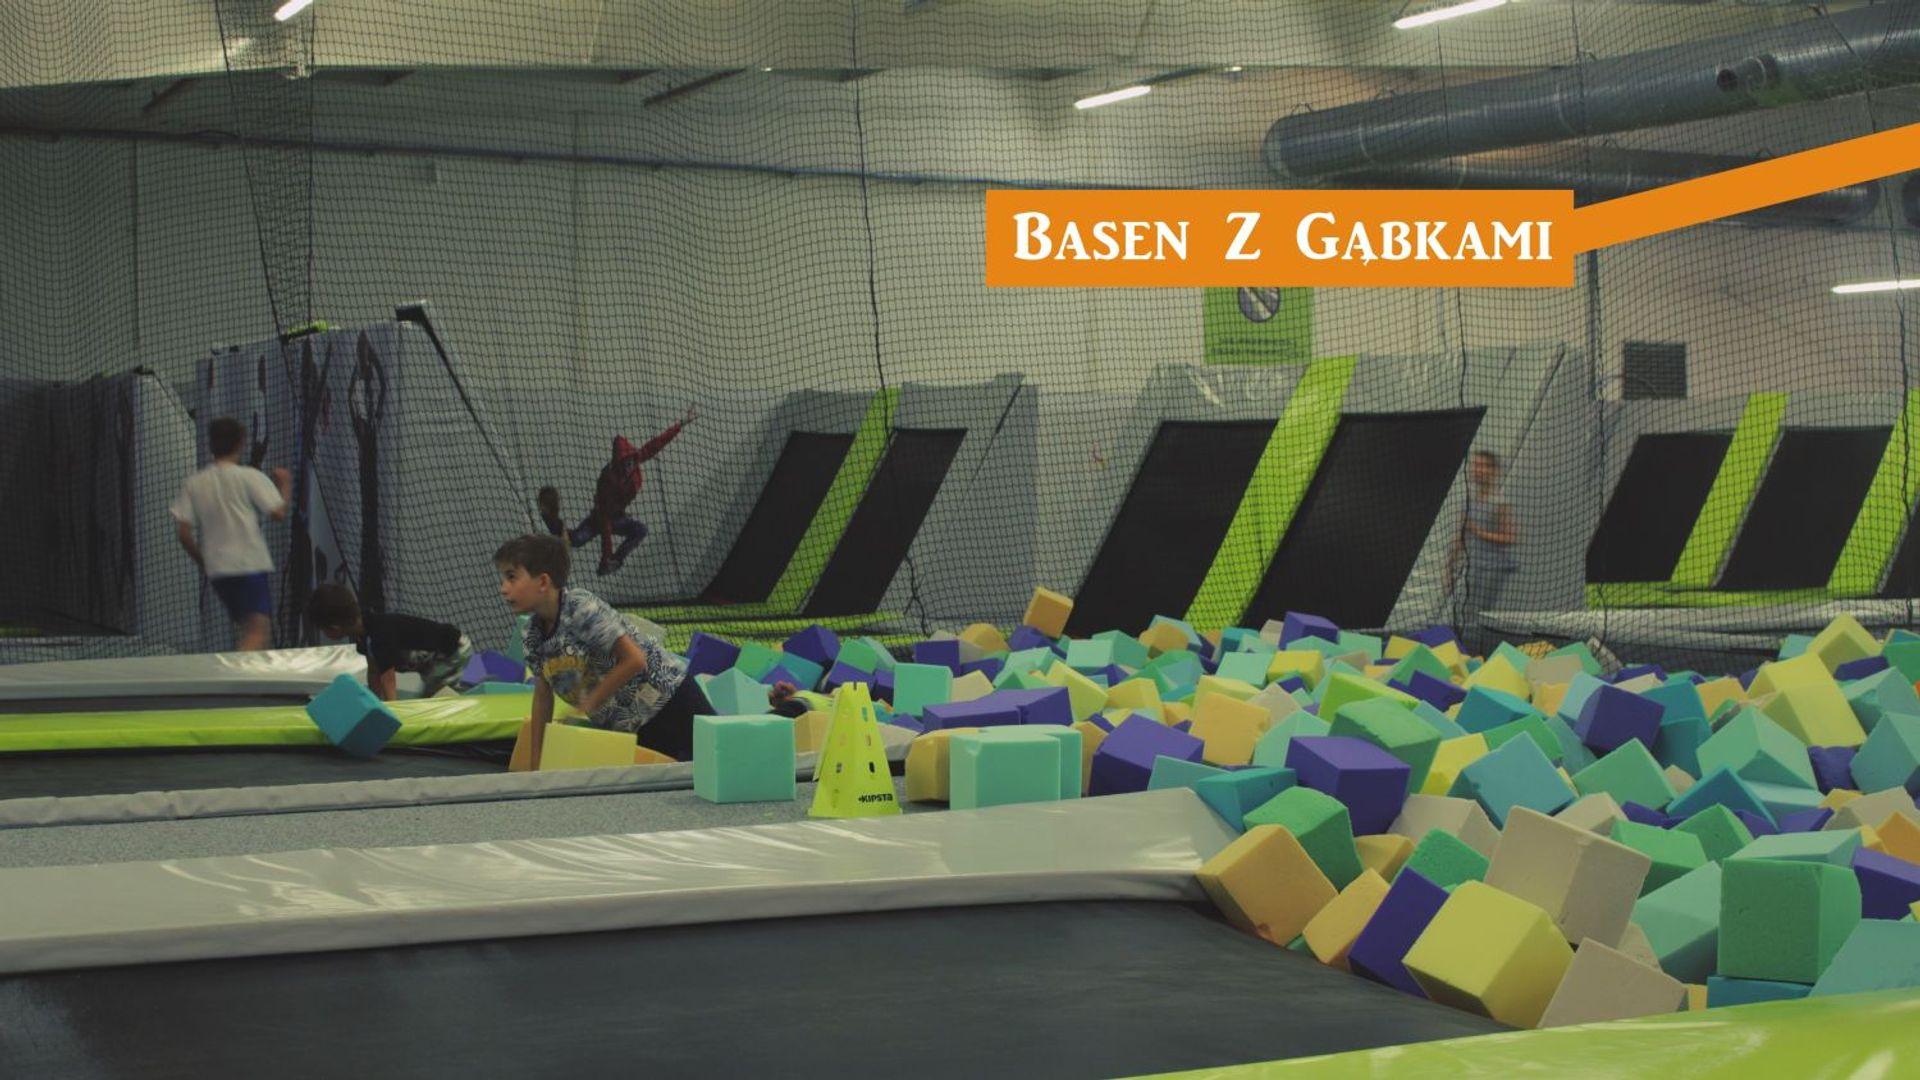 [Warszawa] Już wkrótce otwarcie w Warszawie największego w Polsce Parku Trampolin Jump Arena